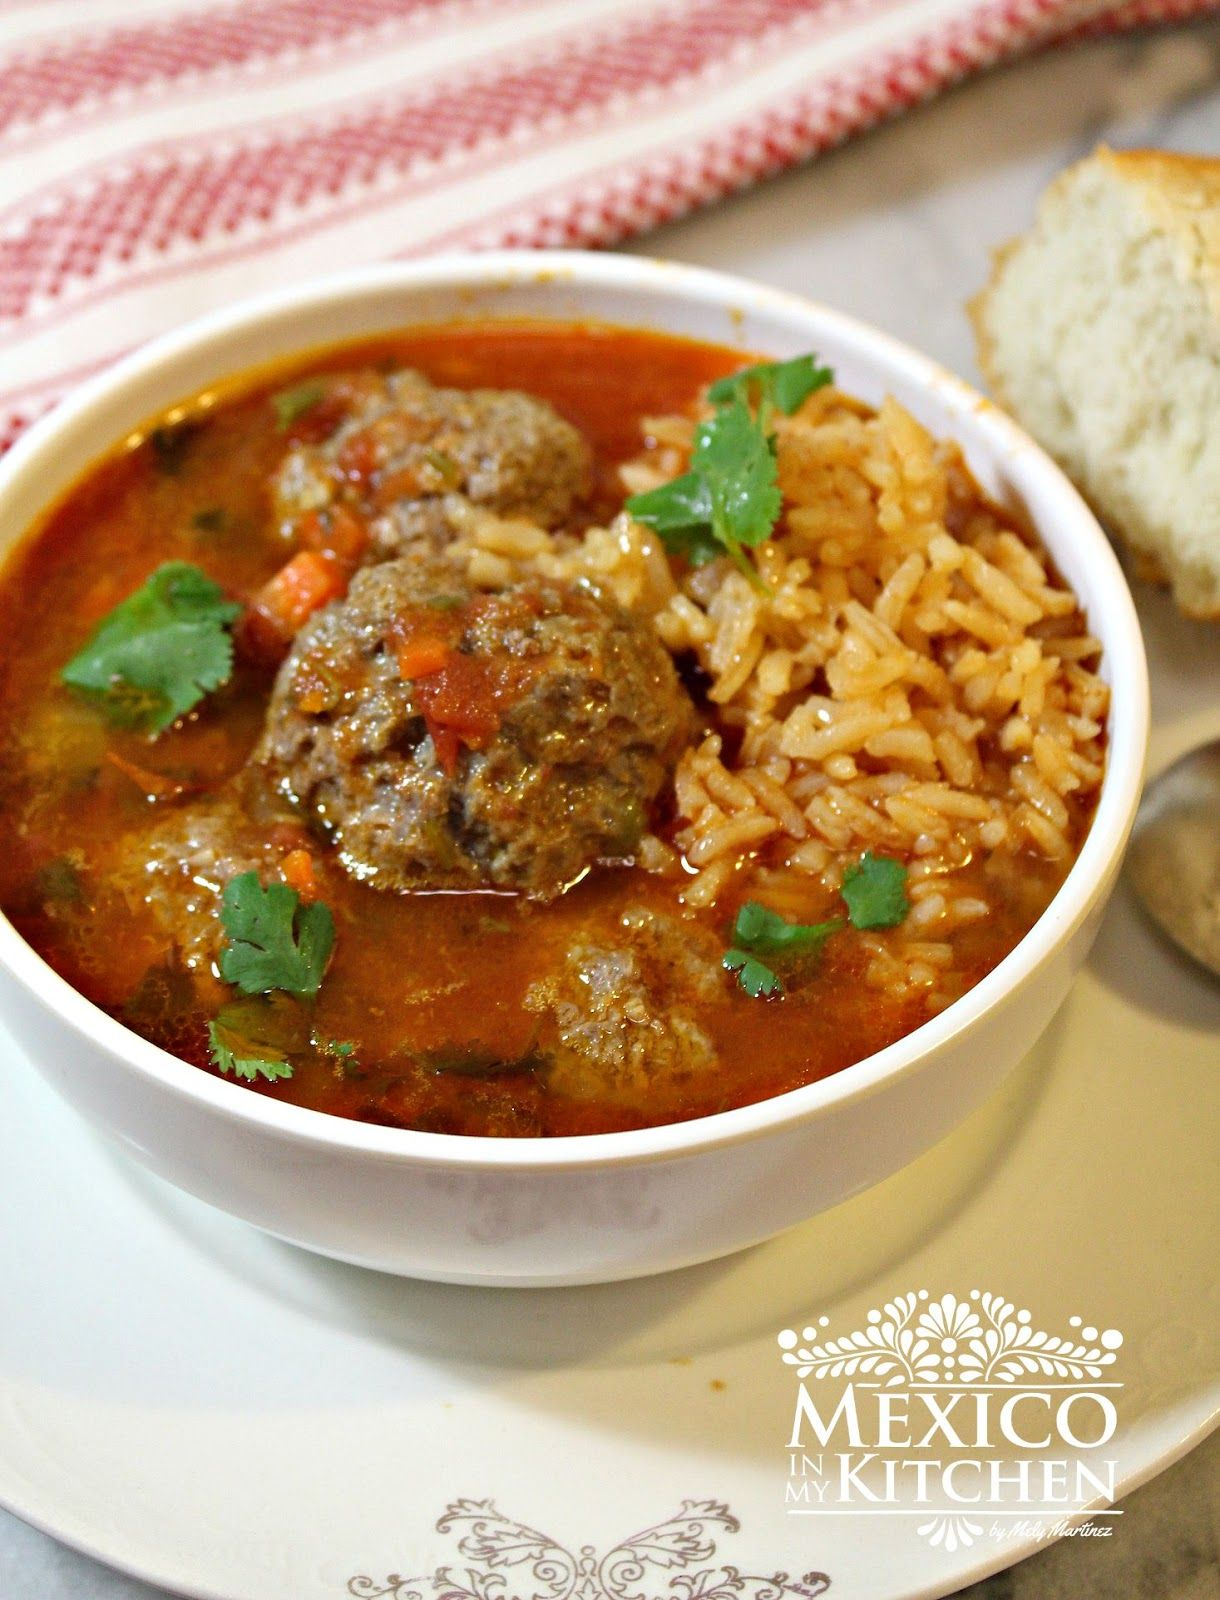 Albondigas soup recipes traditional